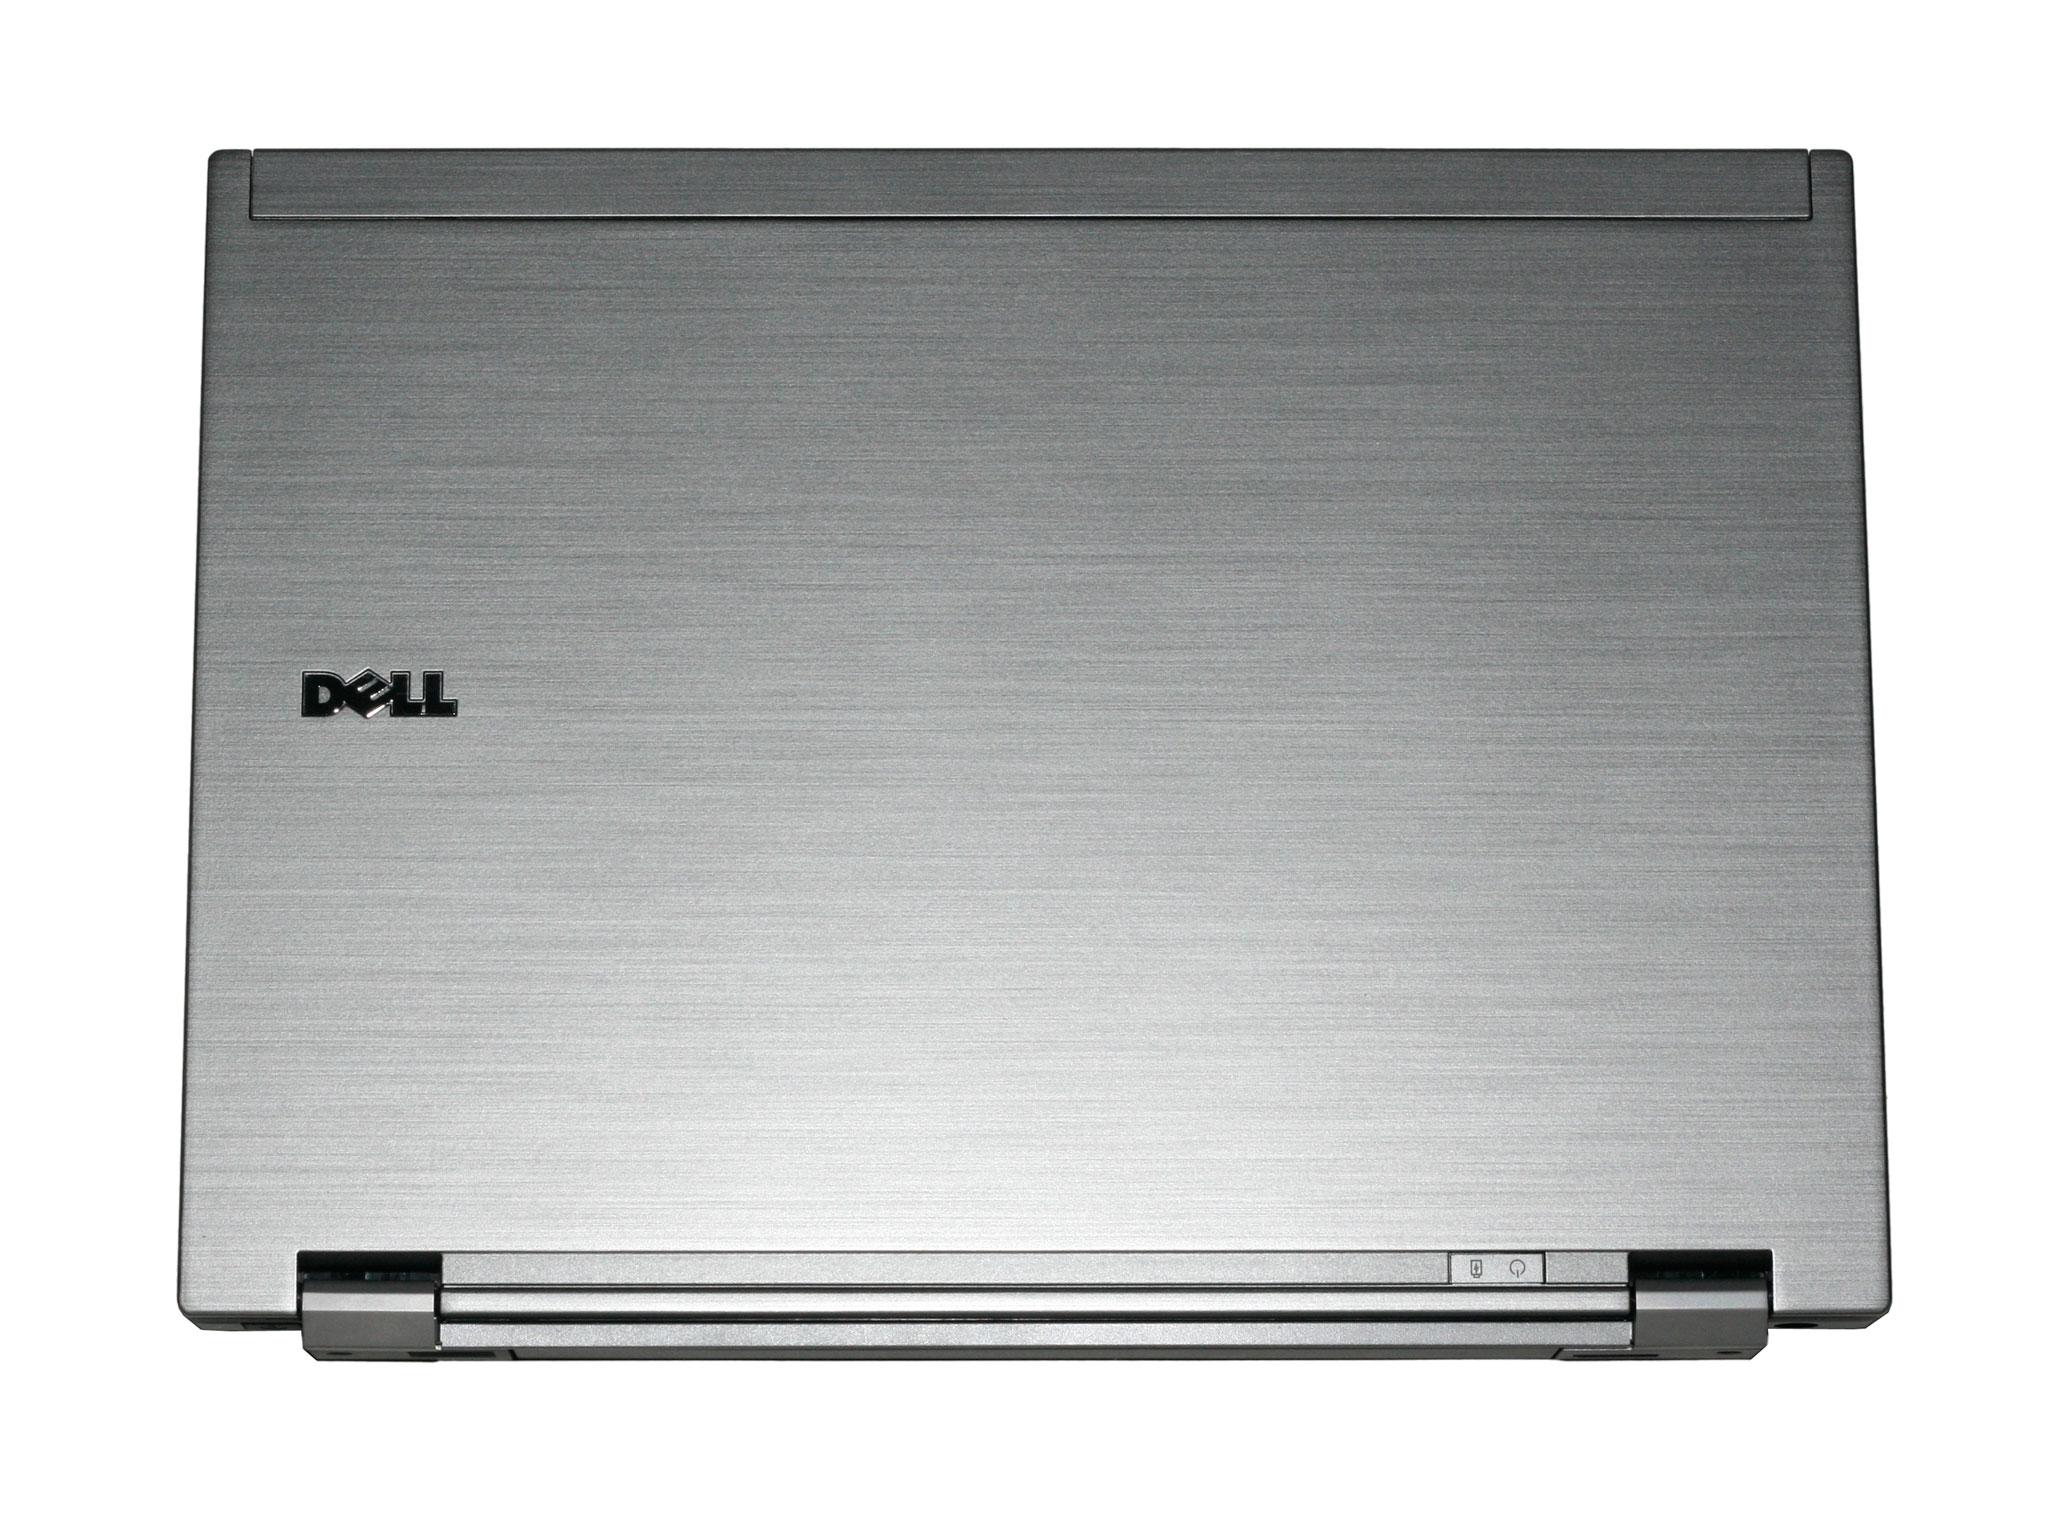 Dell Latitude 6410